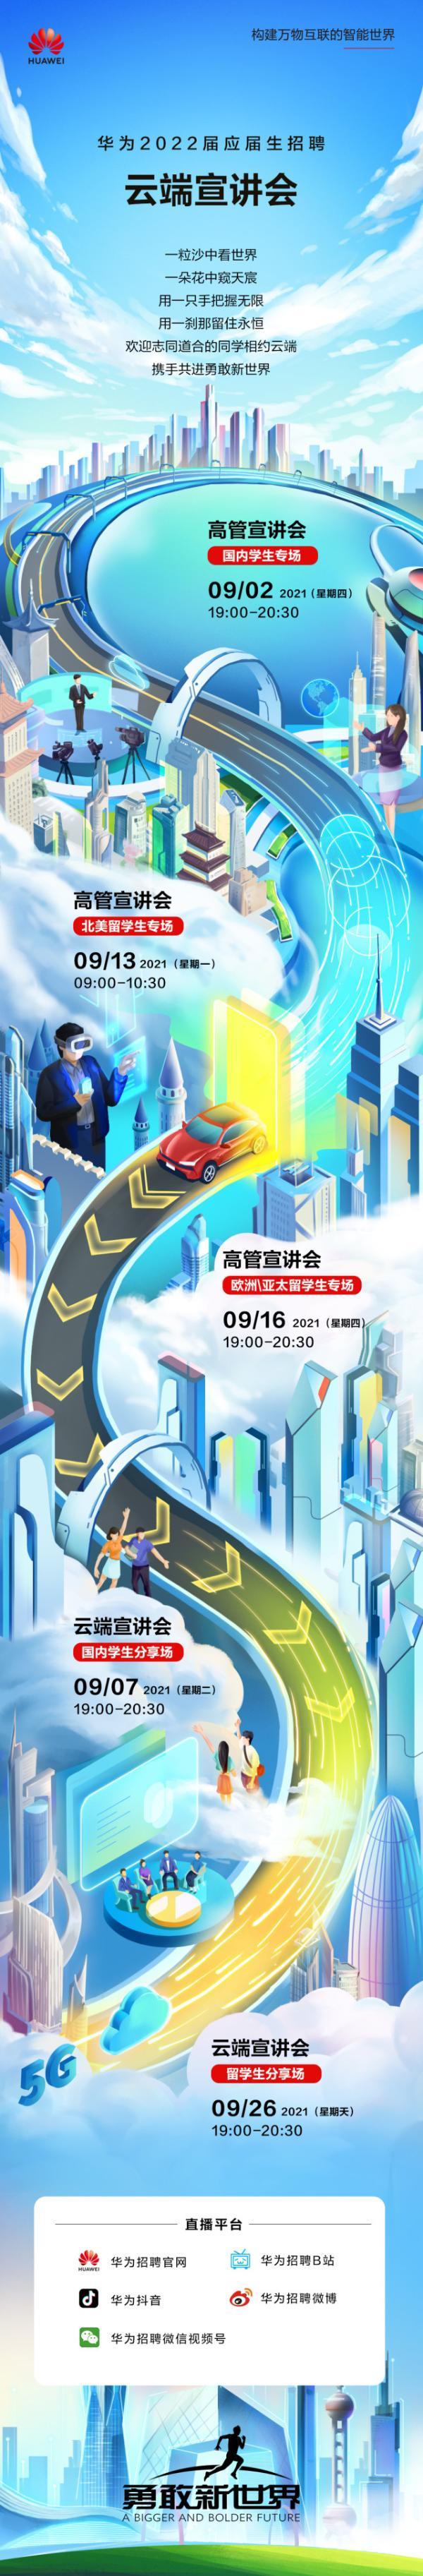 华为2022届应届生招聘已启动,赢在起跑线的机会来了!